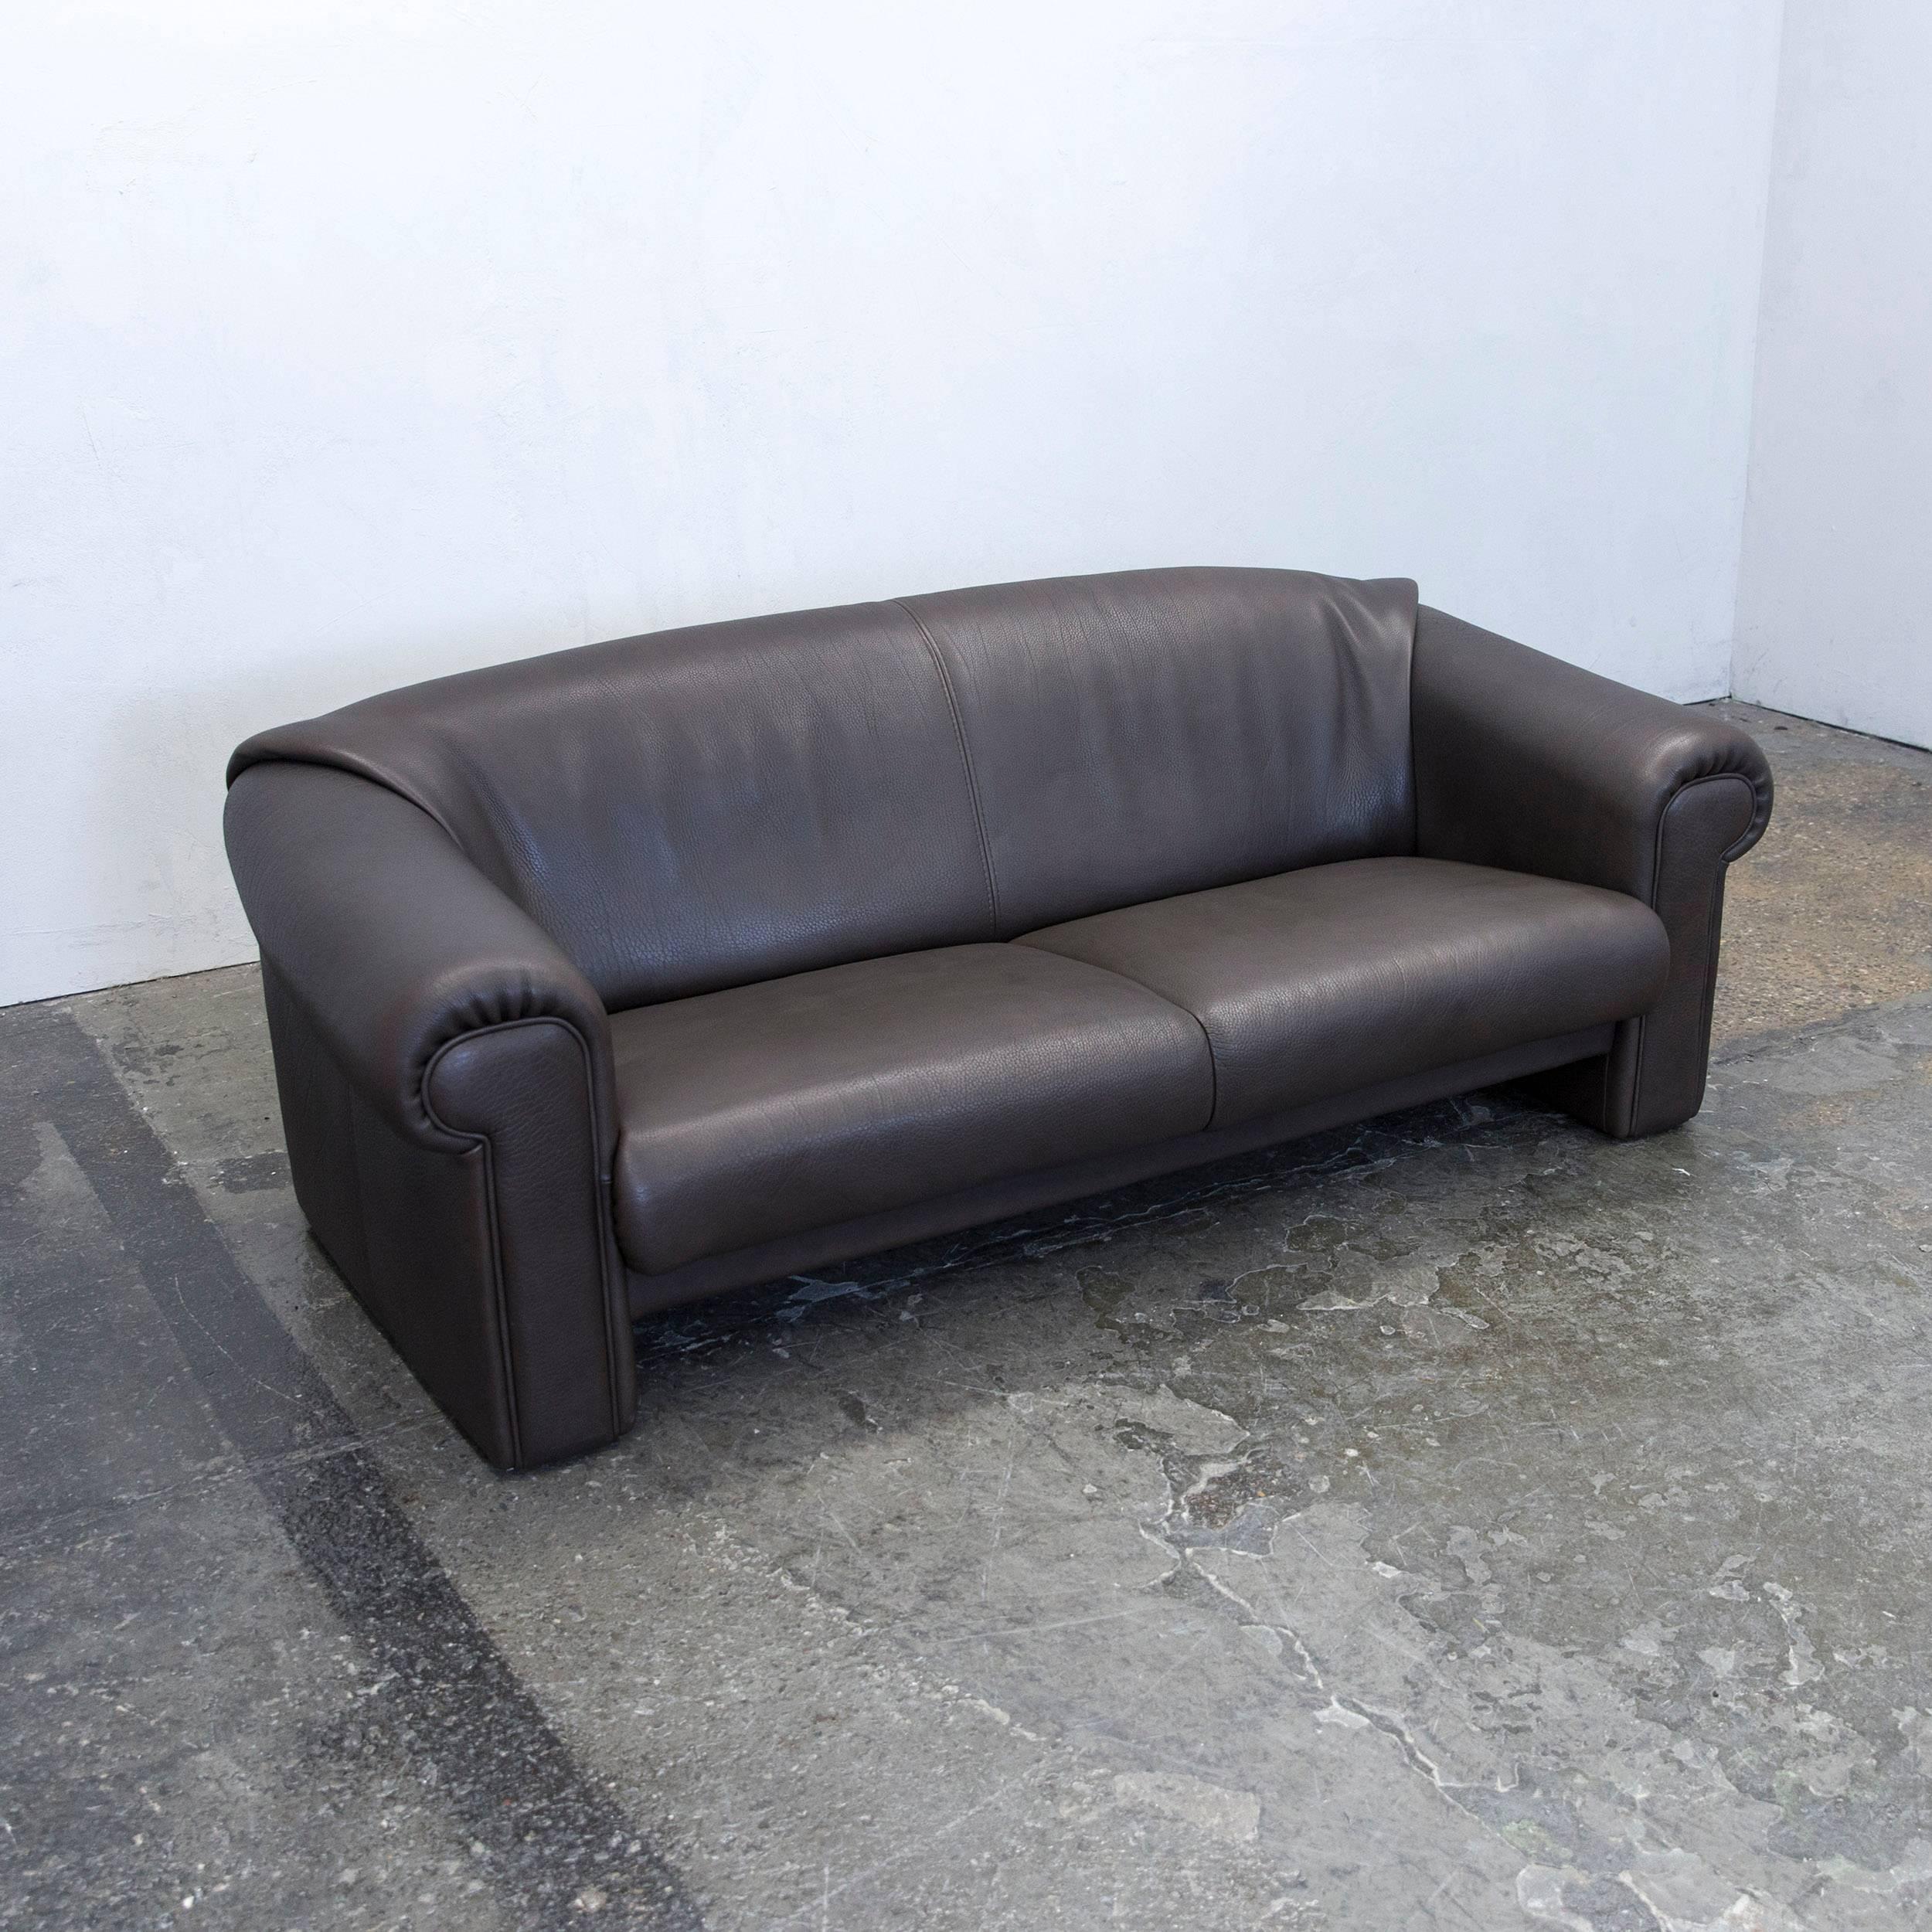 Geräumig Brühl Und Sippold Ideen Von Brühl And Designer Sofa Set Leather Brown